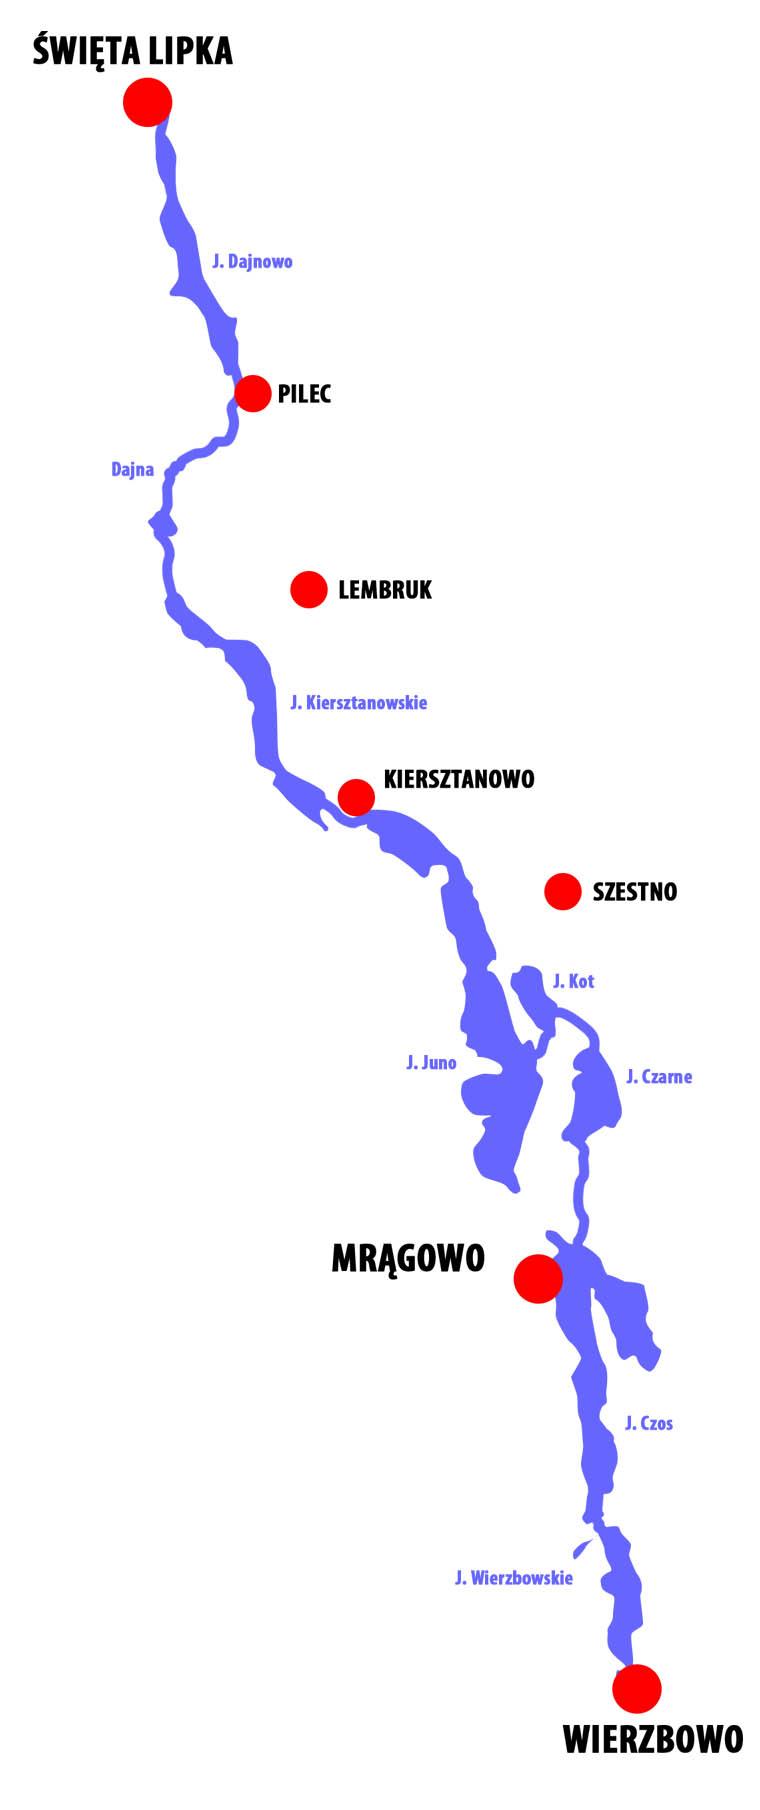 Mapa szlaku Dajna